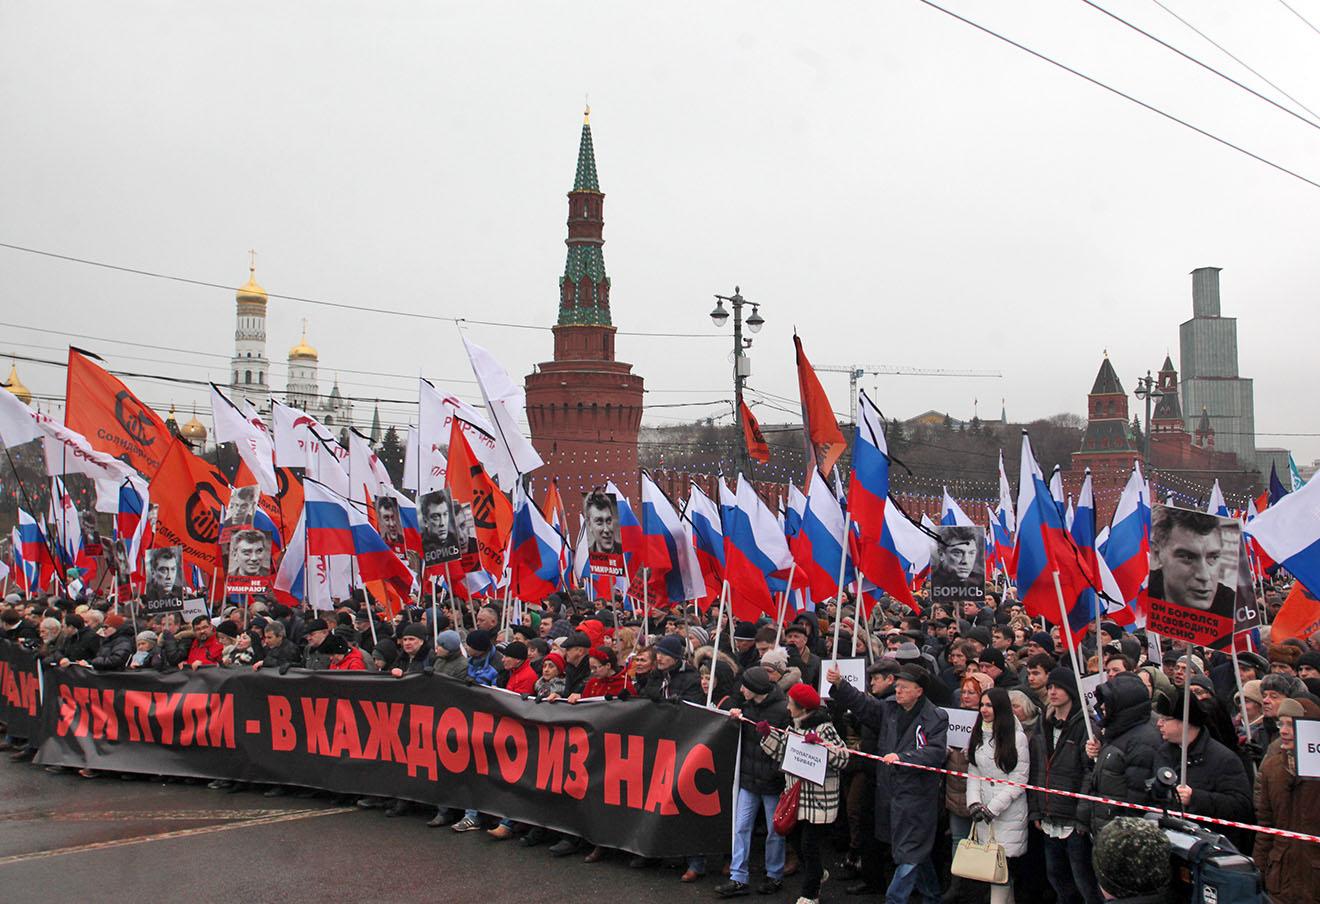 Участники траурного шествия в память о Борисе Немцове на Большом Москворецком мосту в Москве, 1 марта 2015 года.